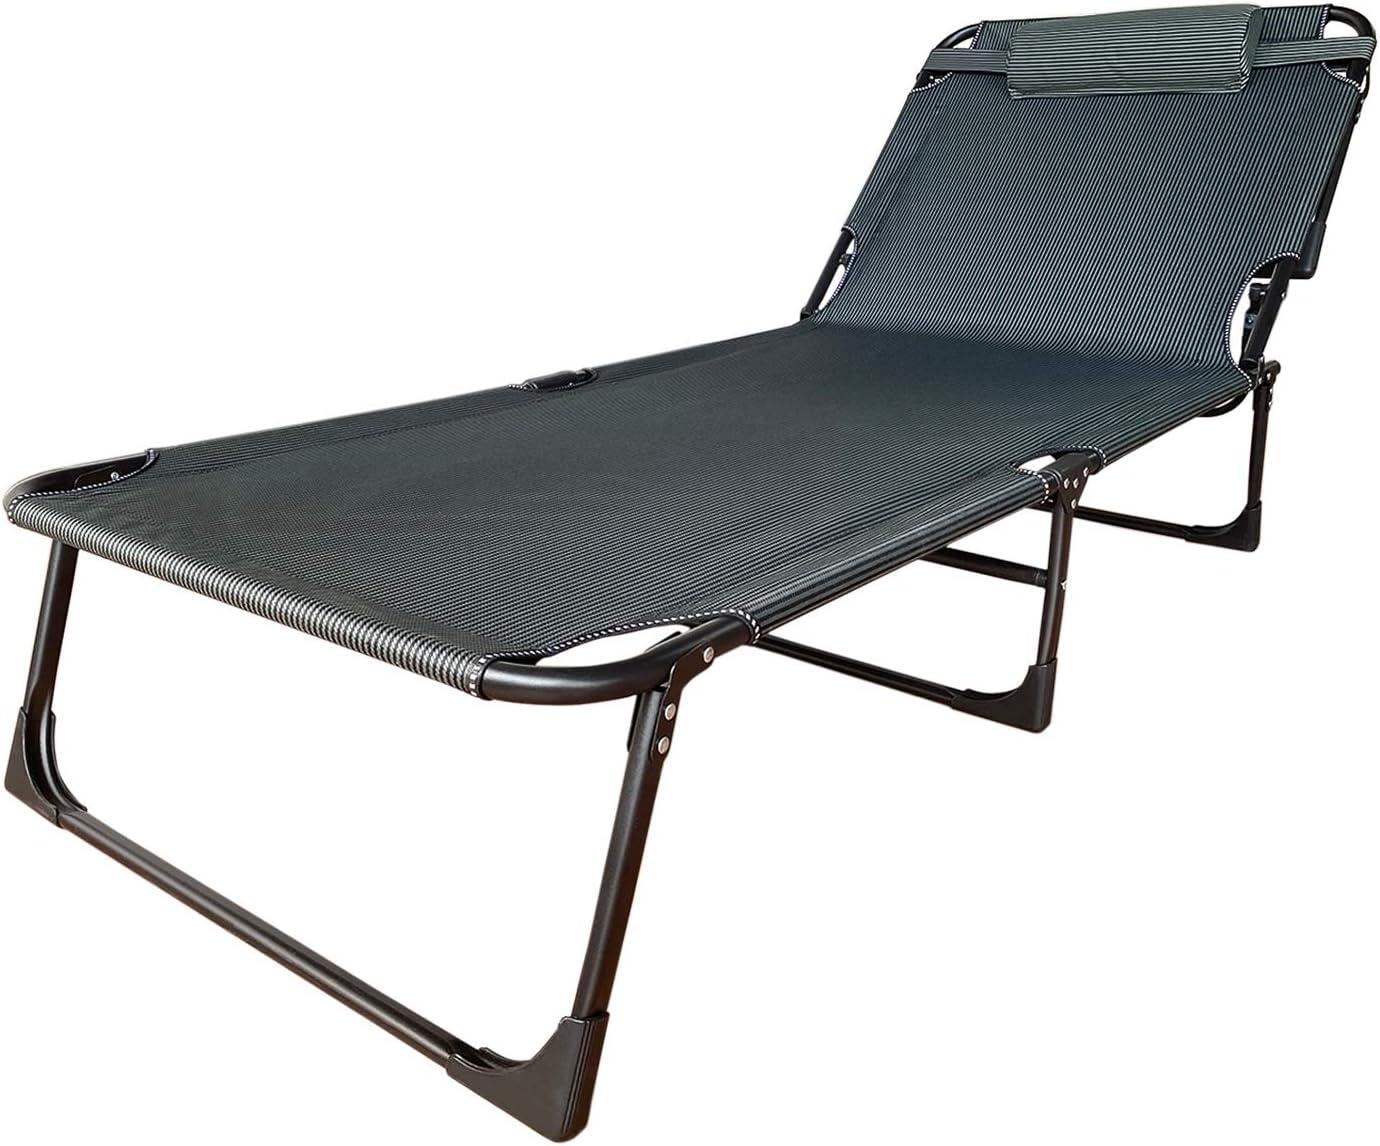 Soontrans Tumbonas Jardin Exterior Playa Silla Plegable Visera de 3 pies de Aluminio y Textileno con Reposacabezas Extraíble para Jardin Camping(Azul)